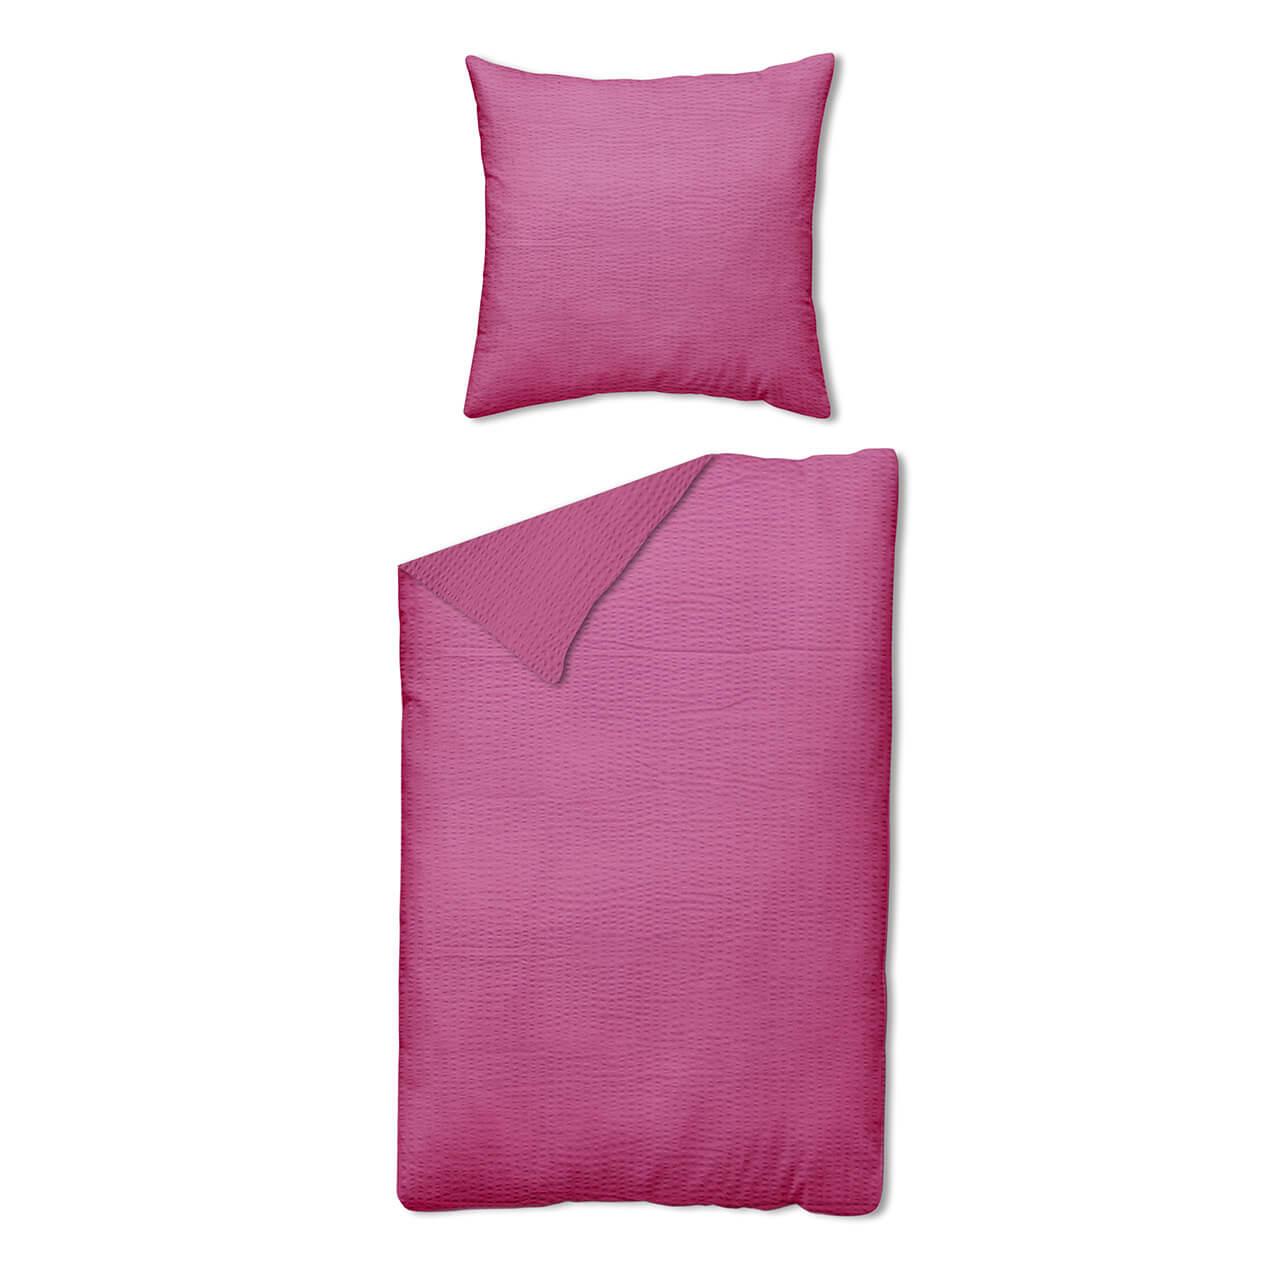 Fein Seersucker Bettwäsche Uni Pink Homesphere